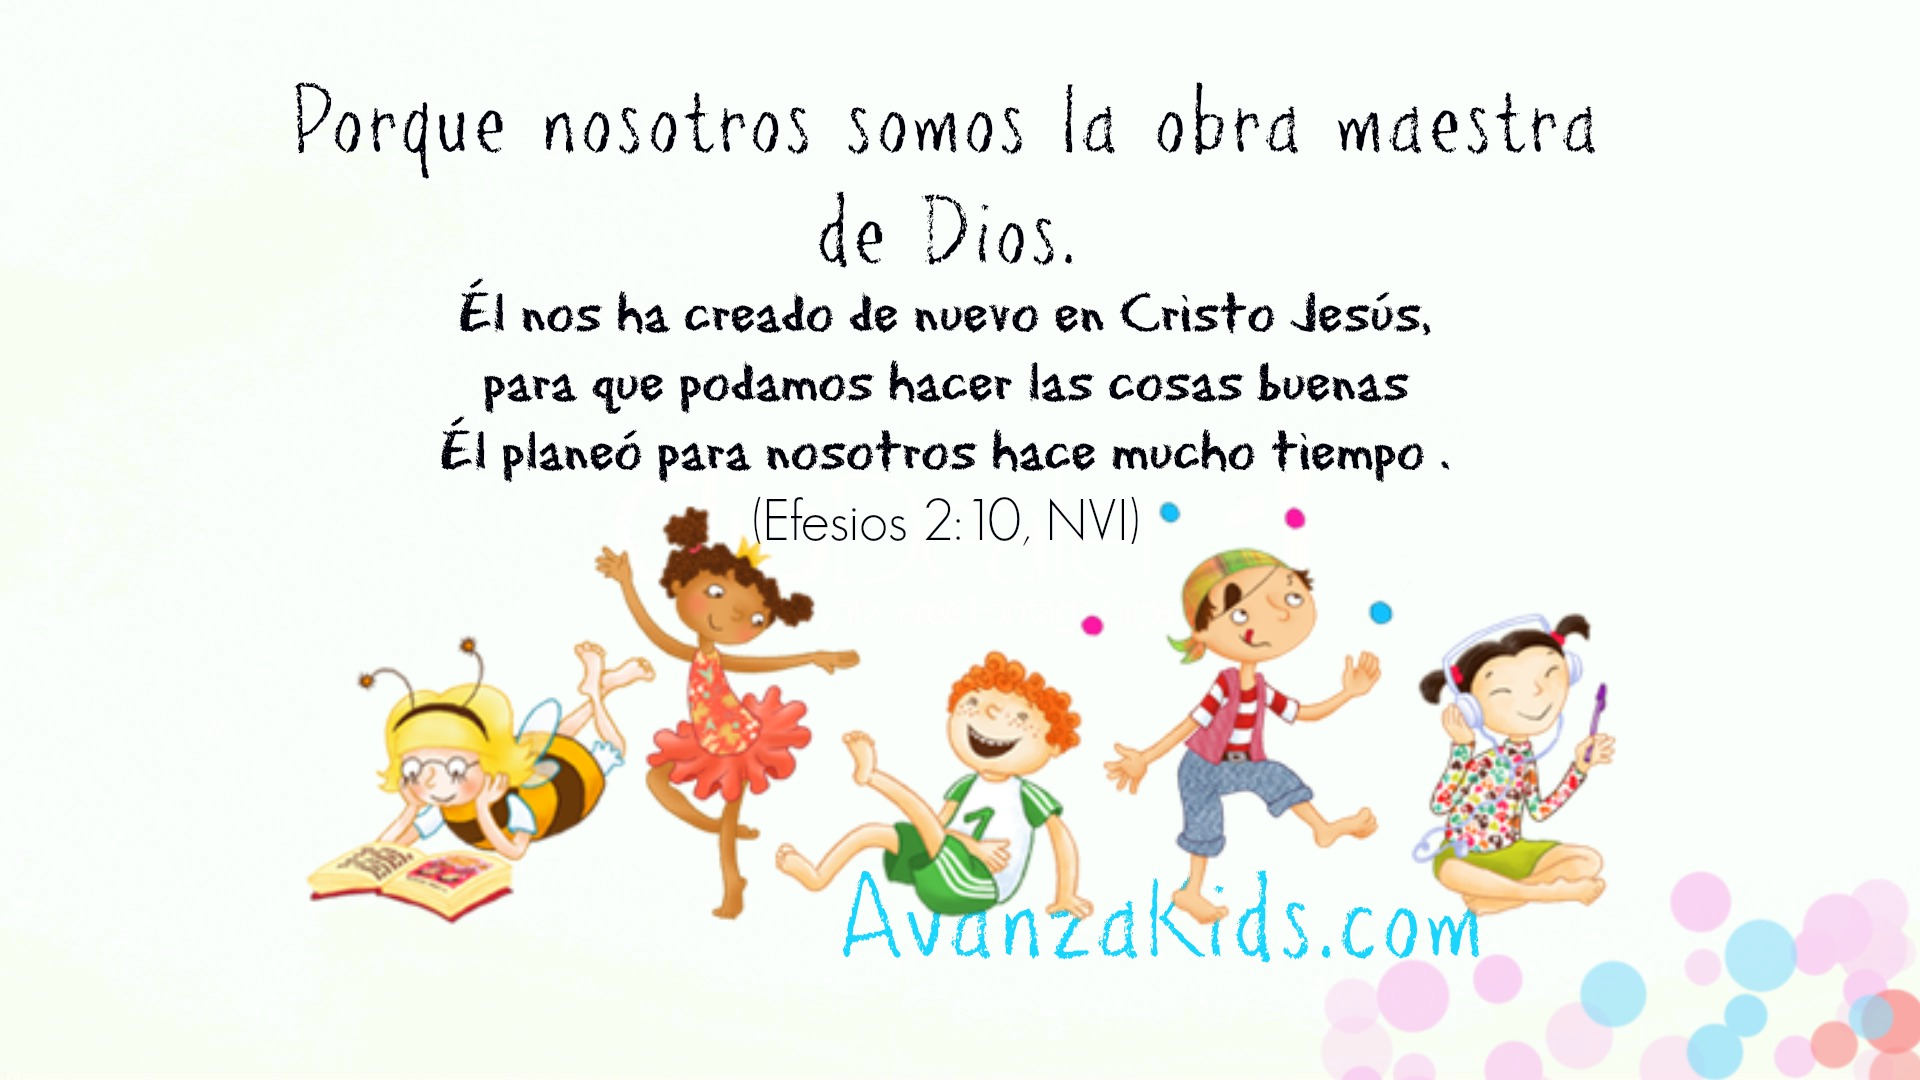 Imagenes Cristianas Para Niños Con Mensajes Avanza Kids